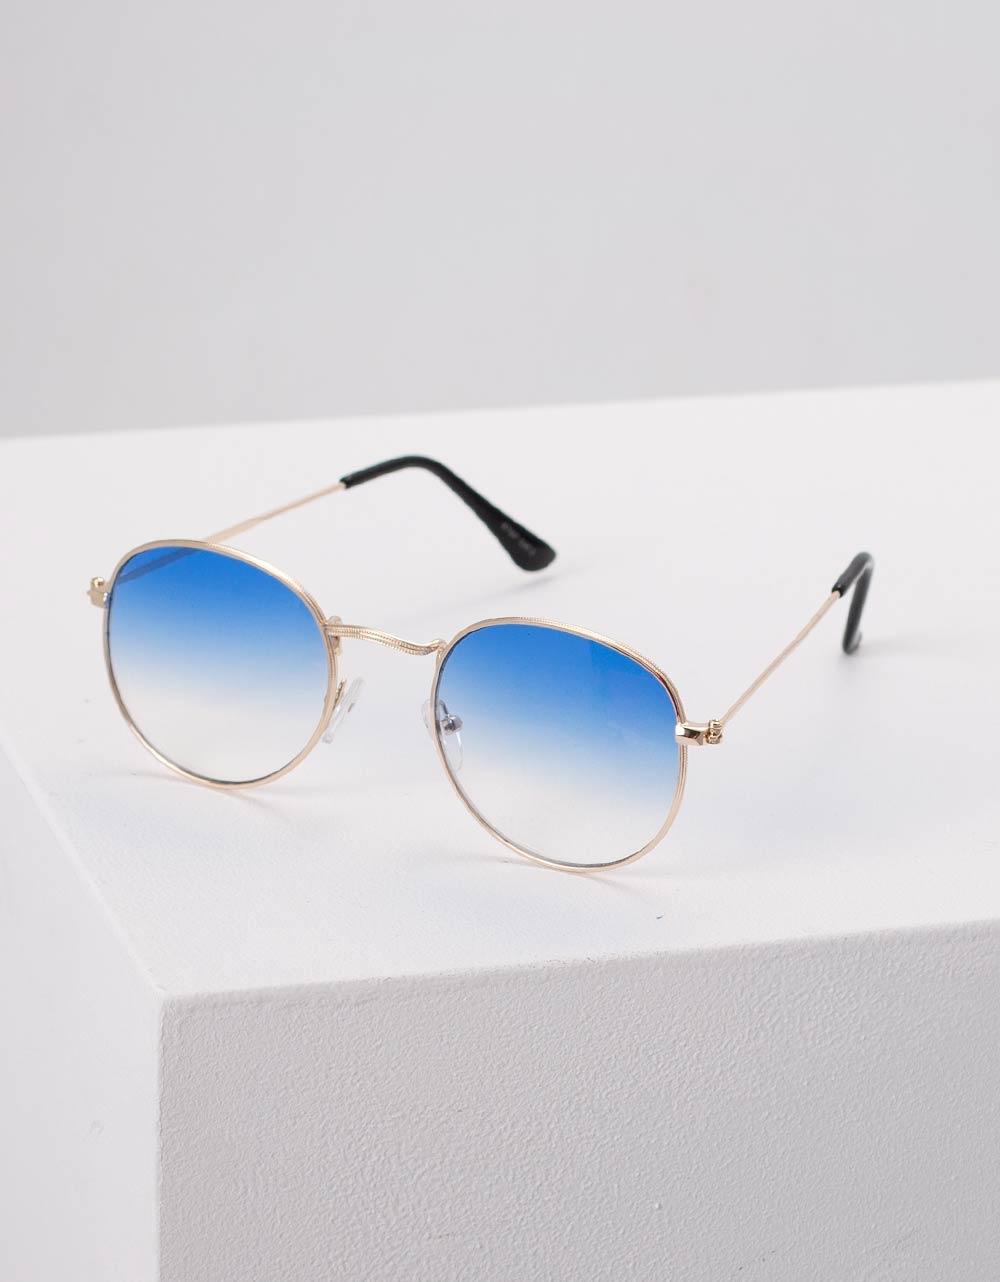 Εικόνα από Γυναικεία γυαλιά ηλίου με λεπτό σκελετό Μπλε